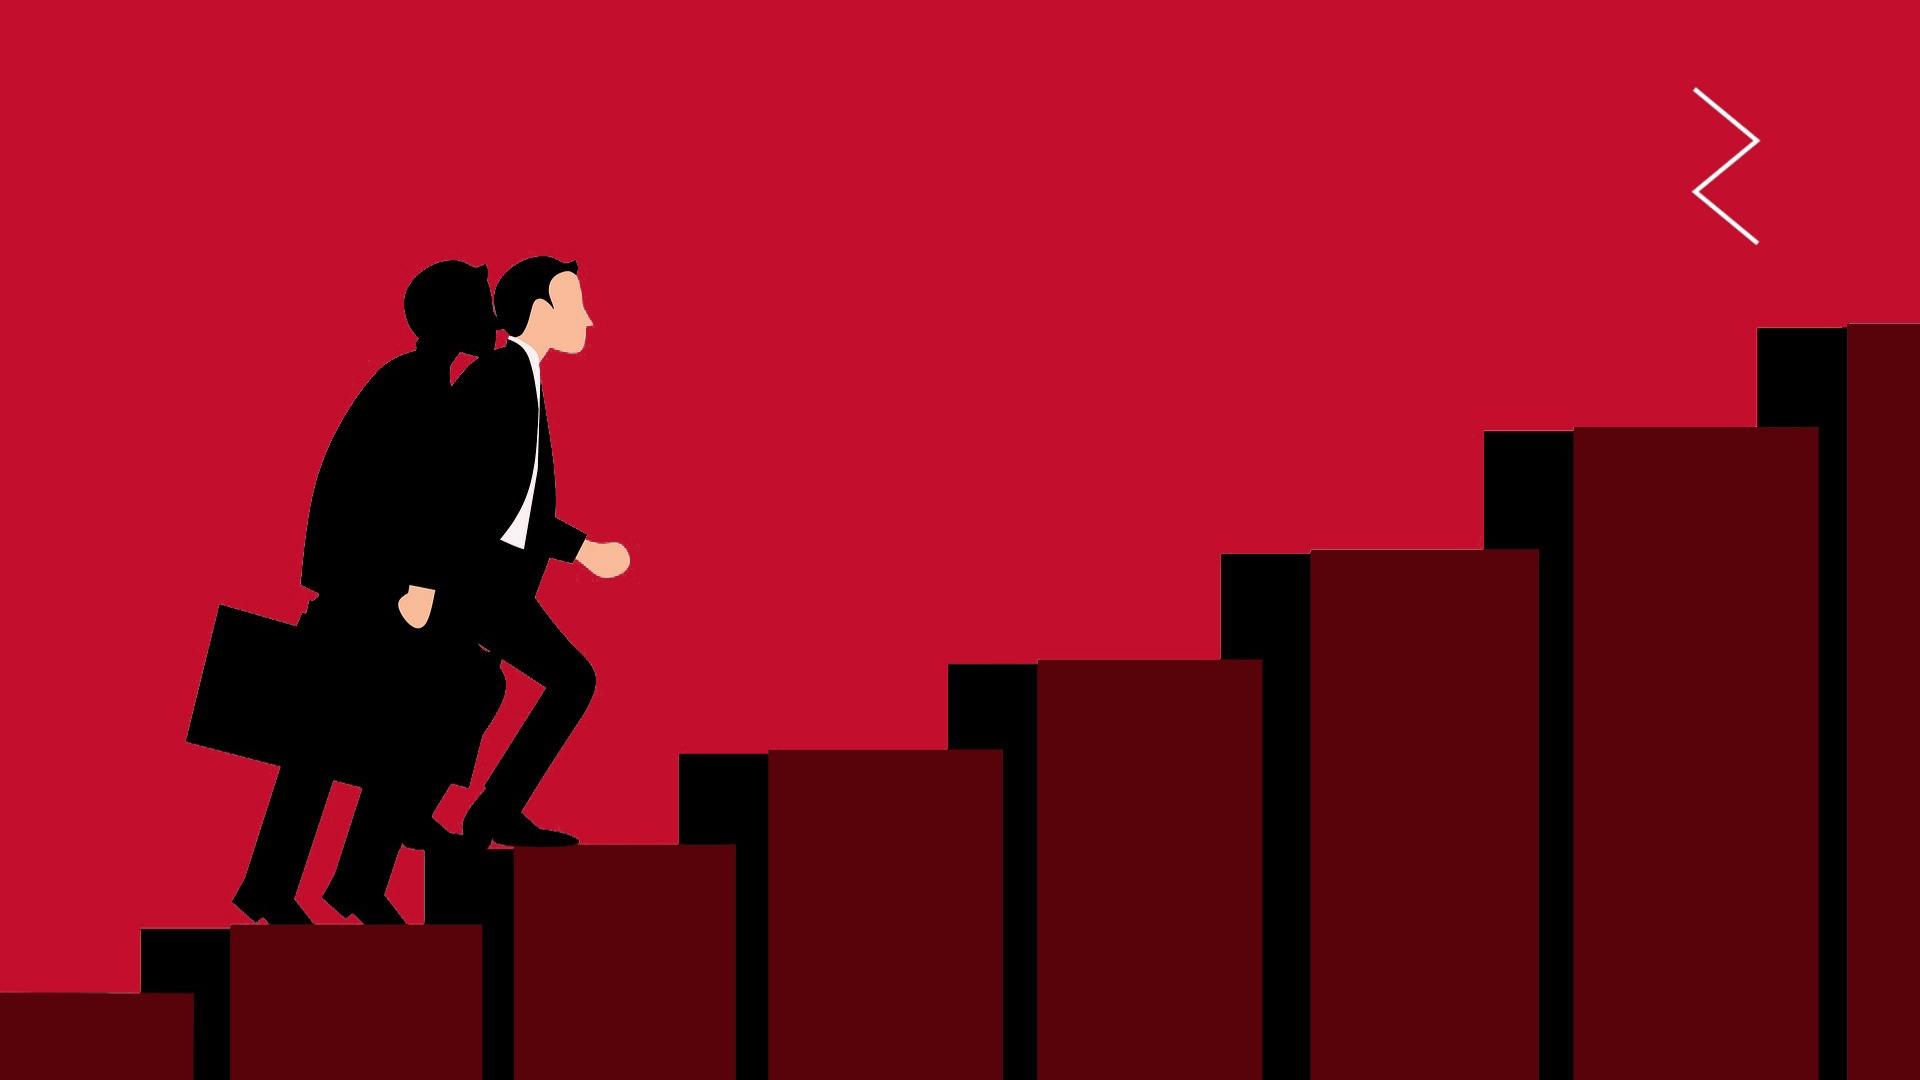 Climbing the recruitment ladder